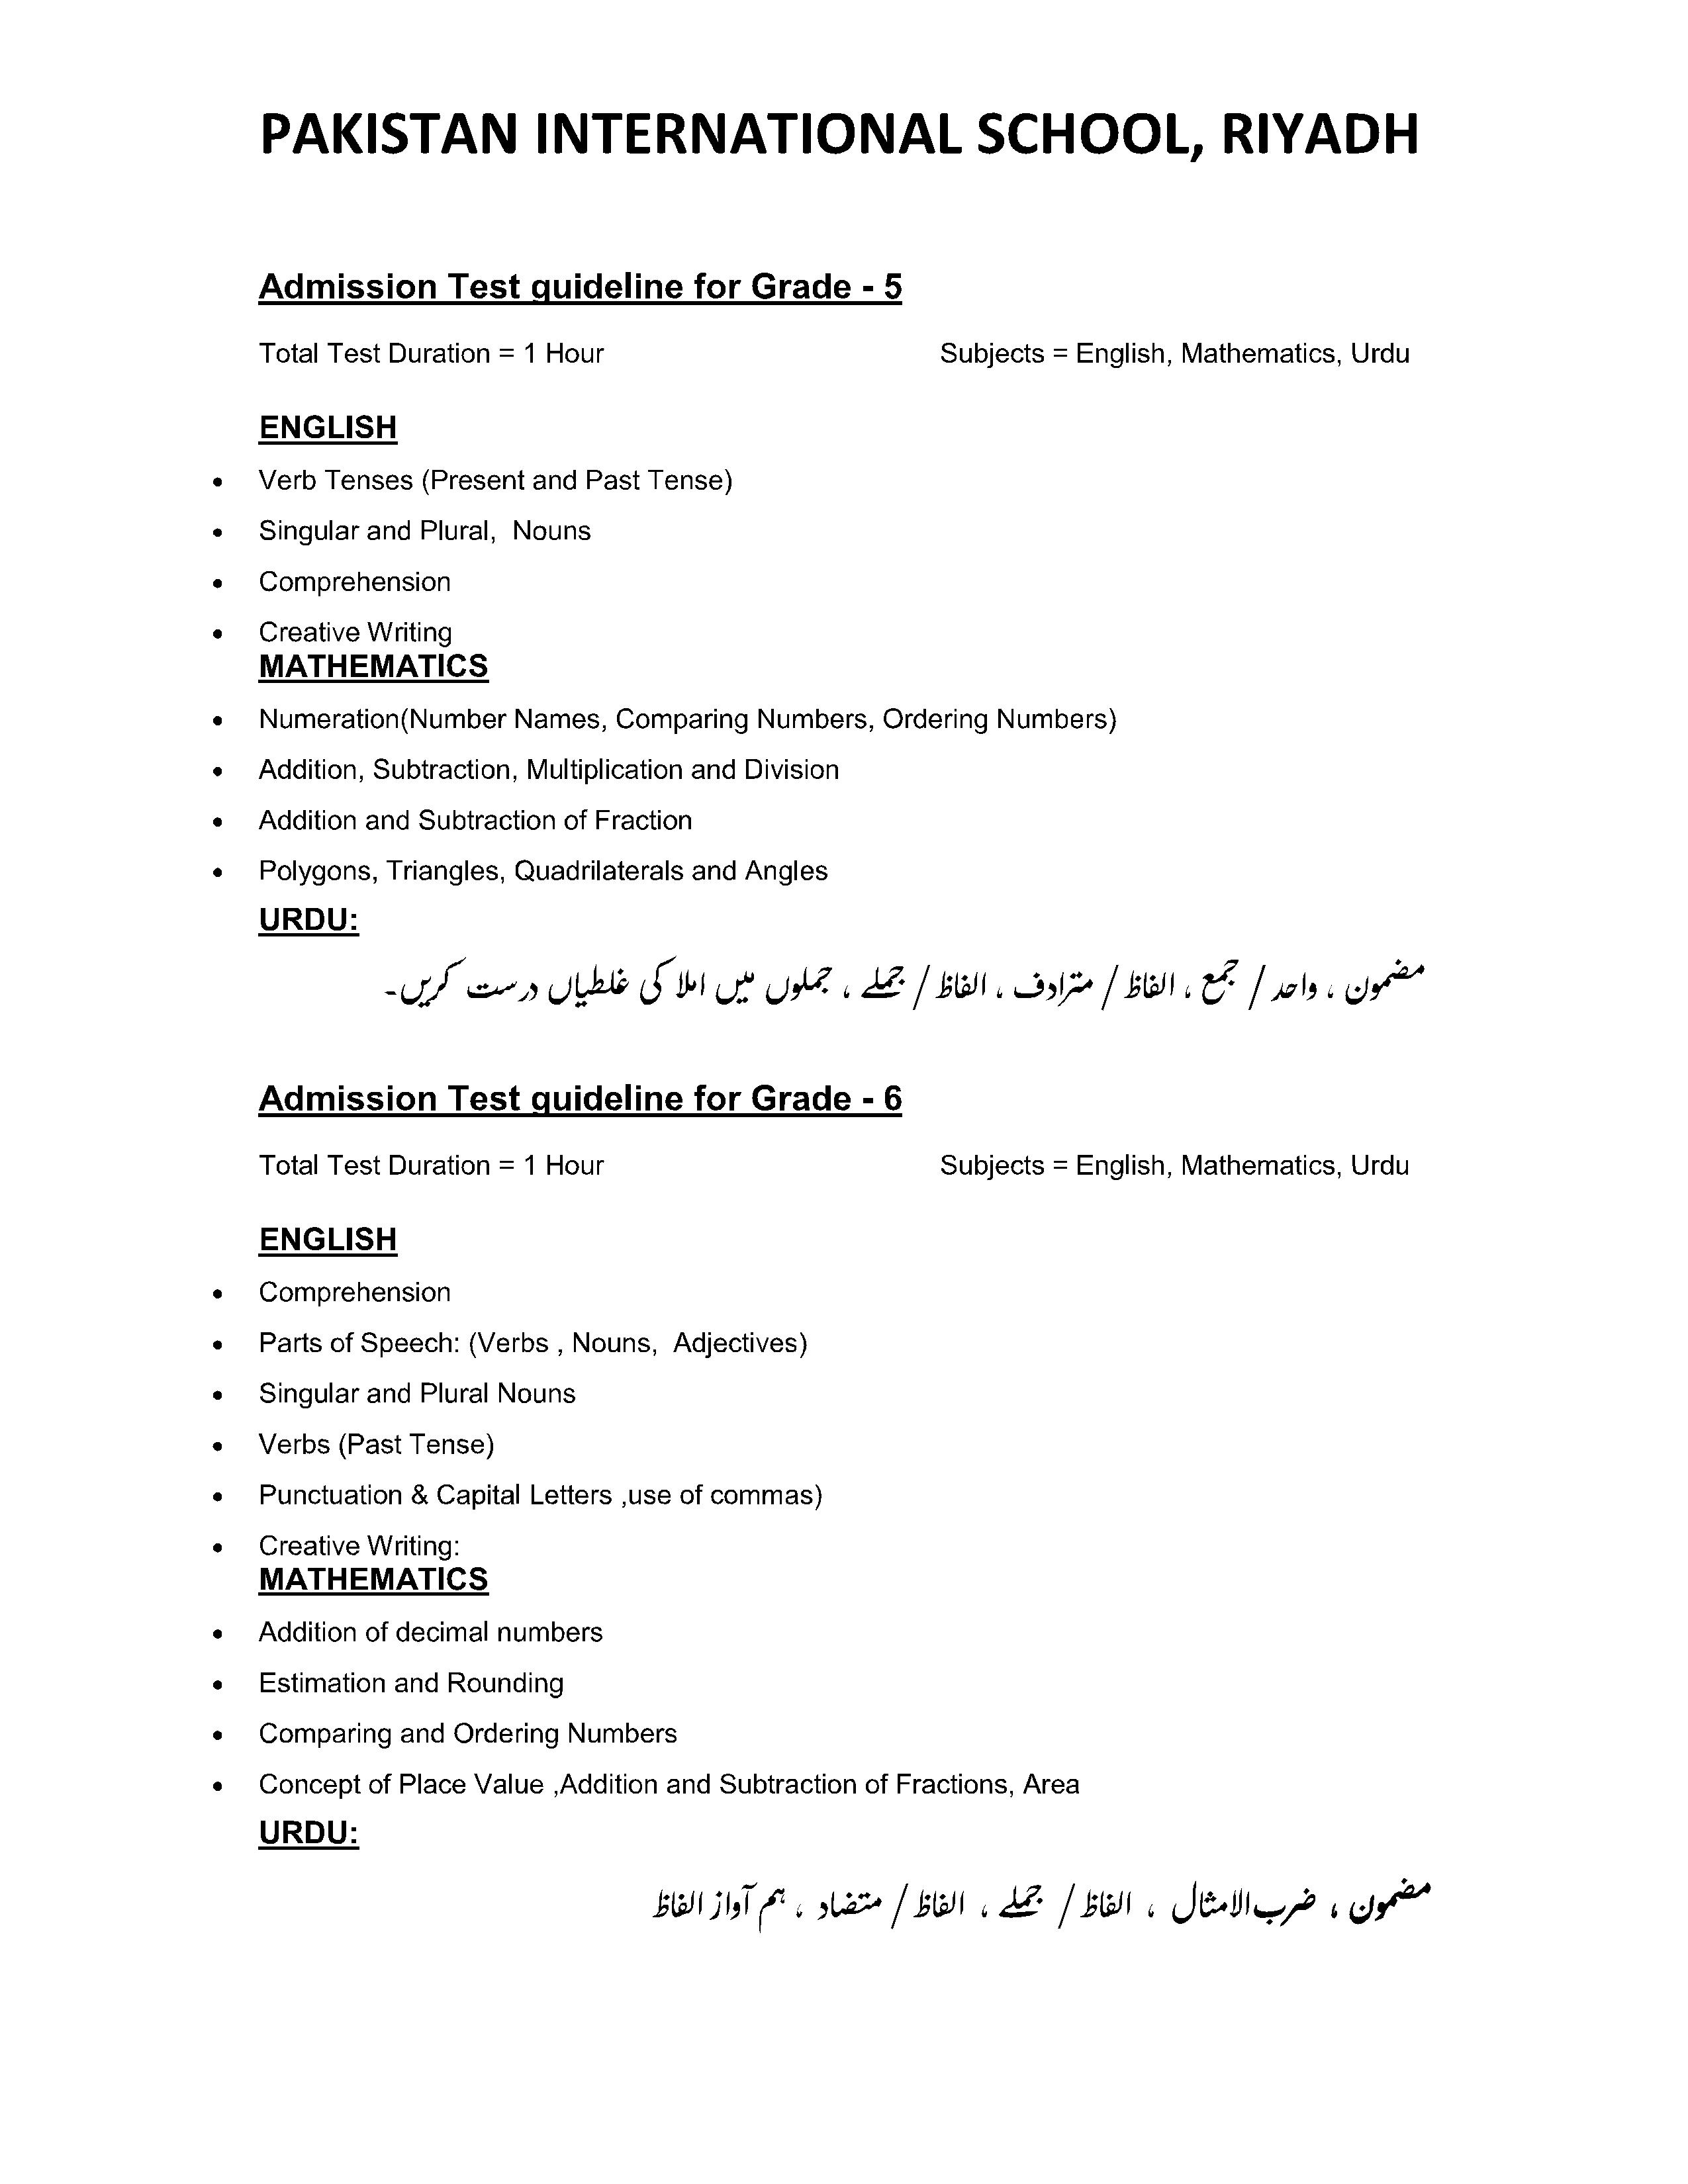 Admission test guidelines — Pakistan International School, Riyadh